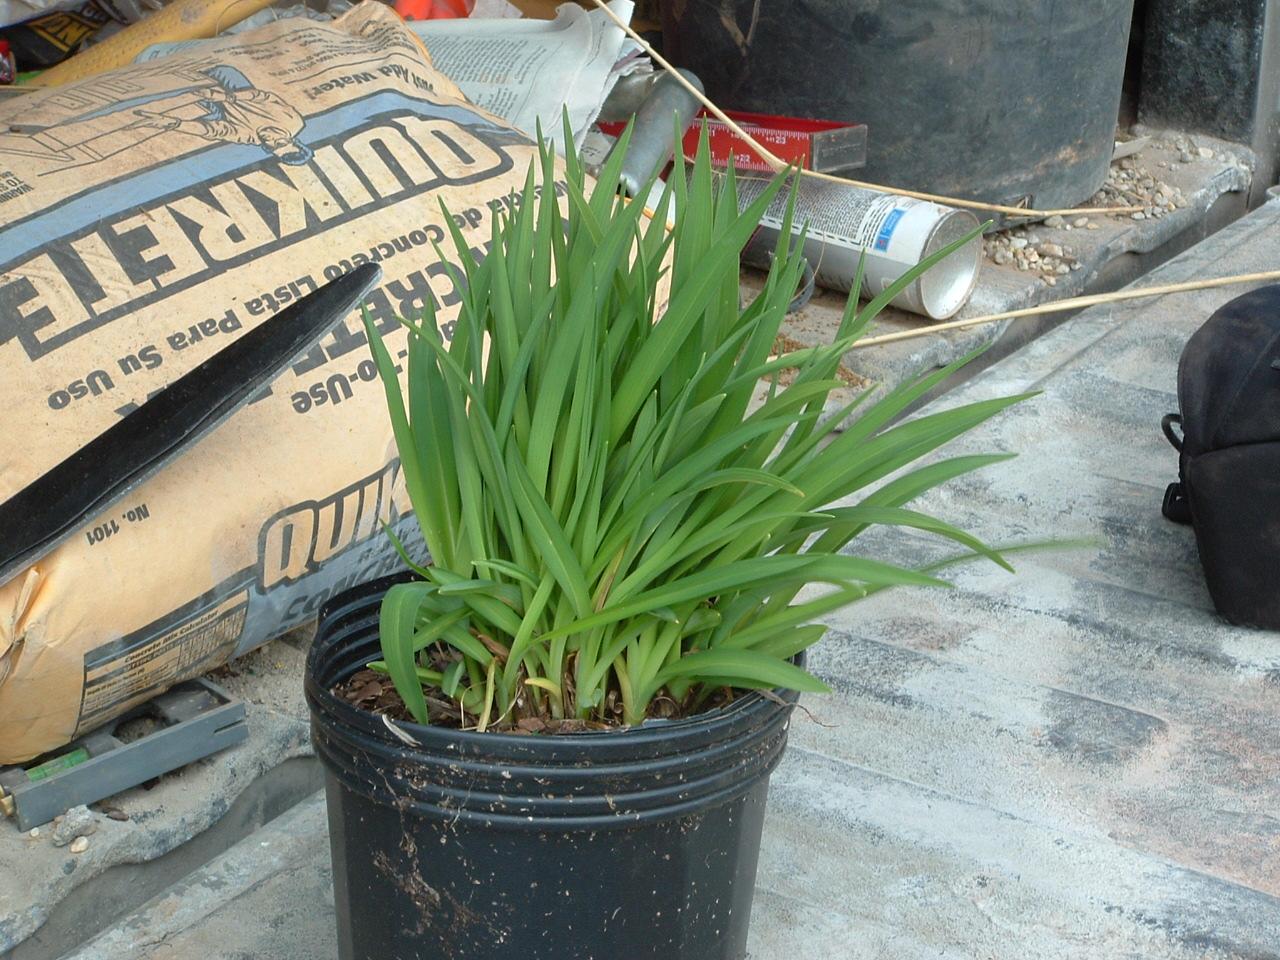 Cómo Re-Pot Plantas de interior y 5 Razones - Pistils Nursery